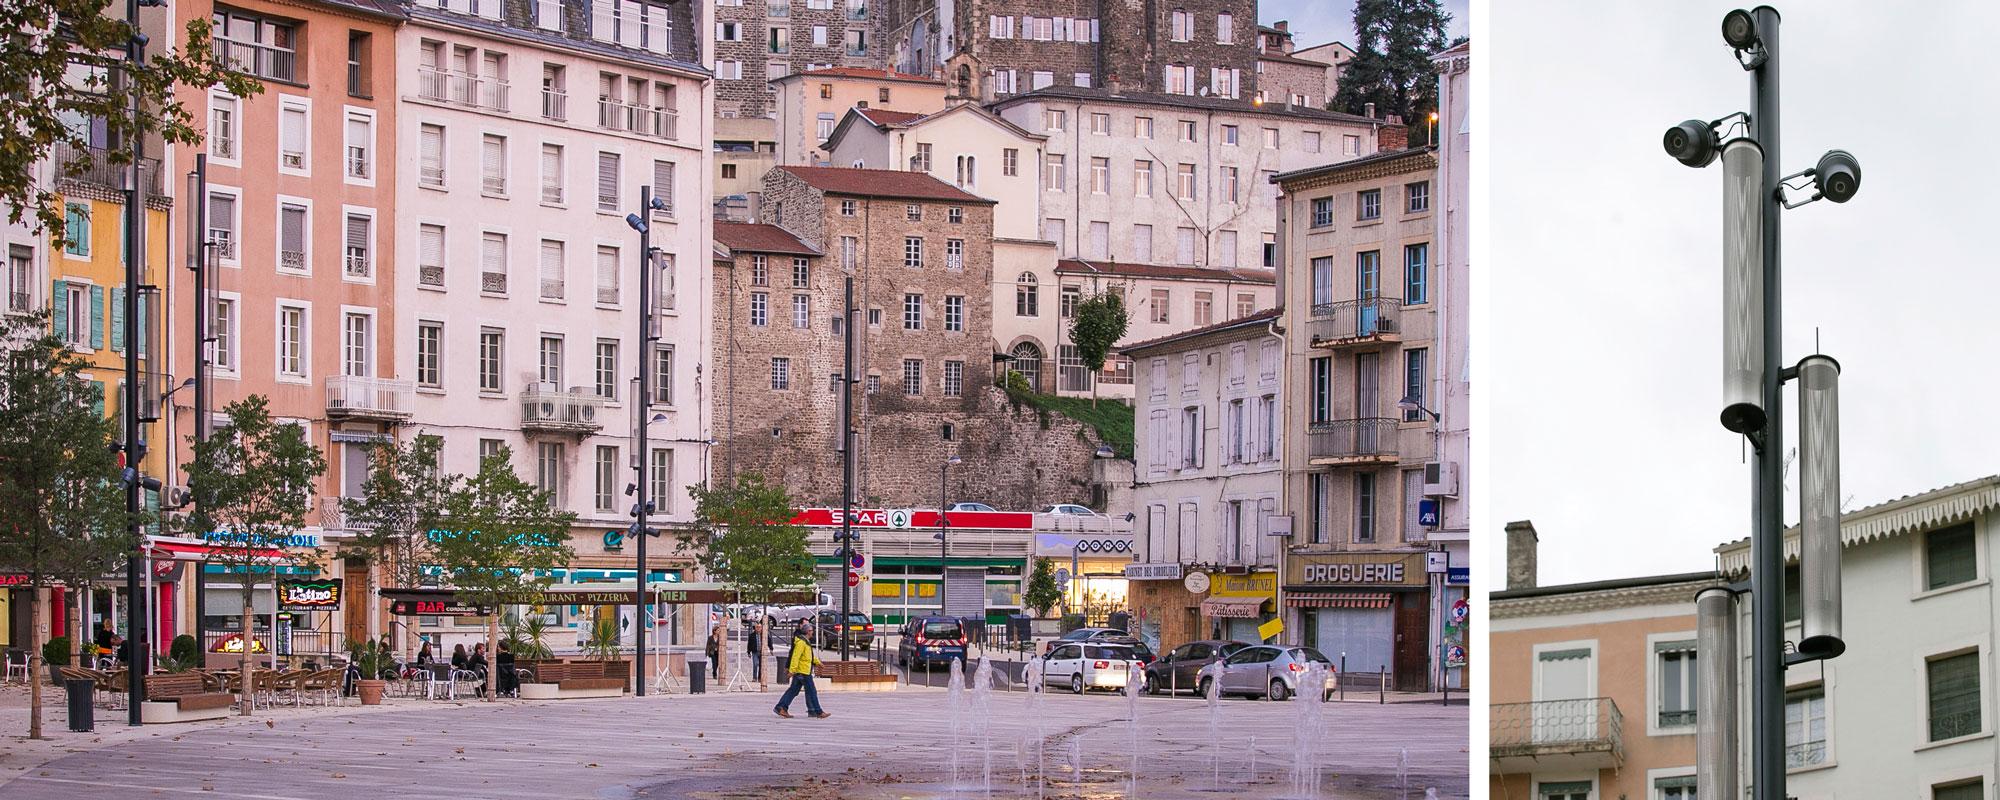 D_Annonay_Place-des-Cordeliers1